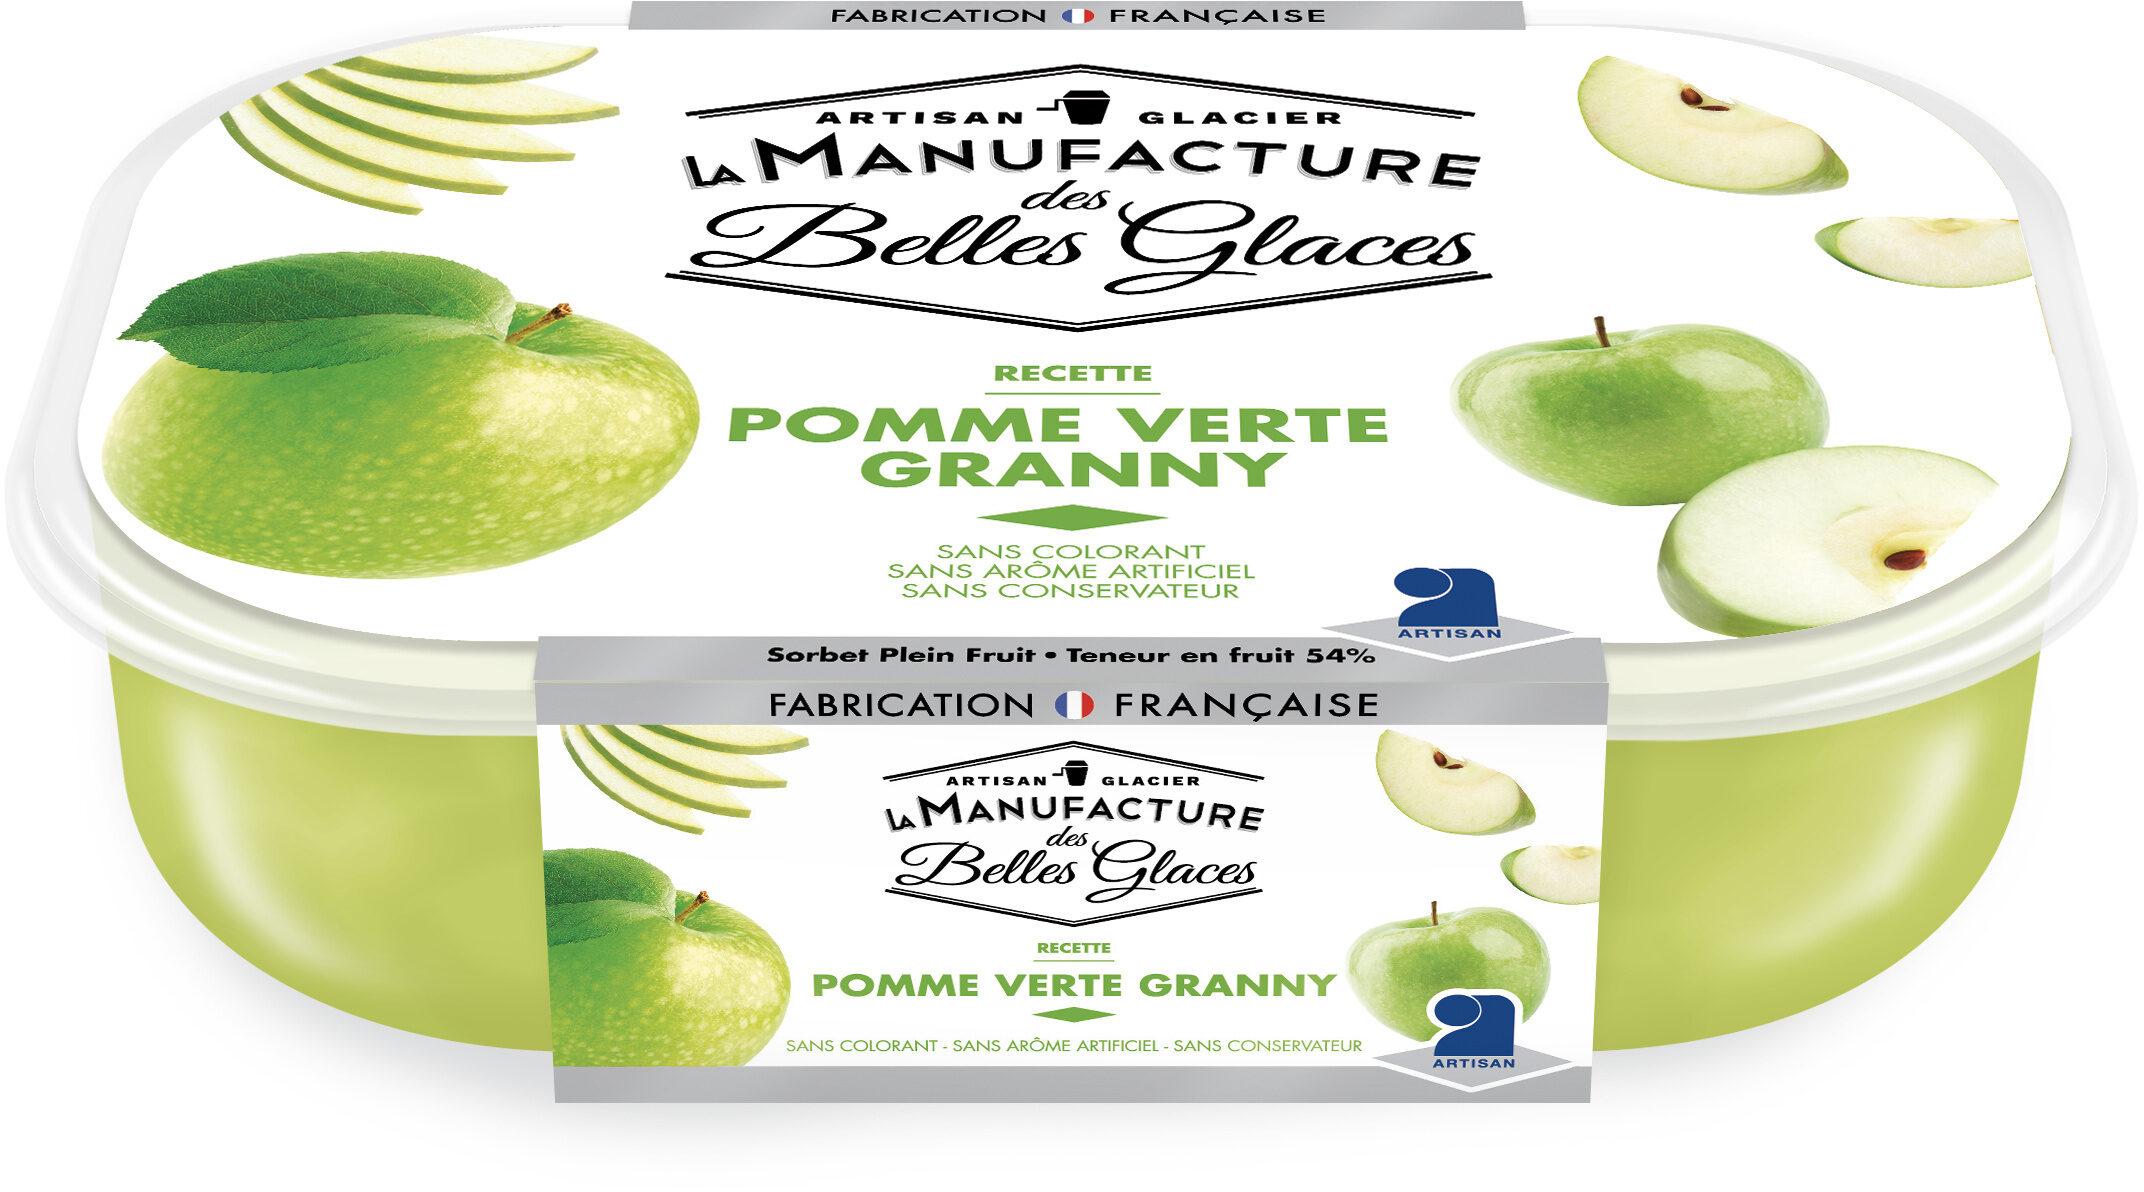 Sorbet plein fruit à la pomme verte Granny - Product - fr